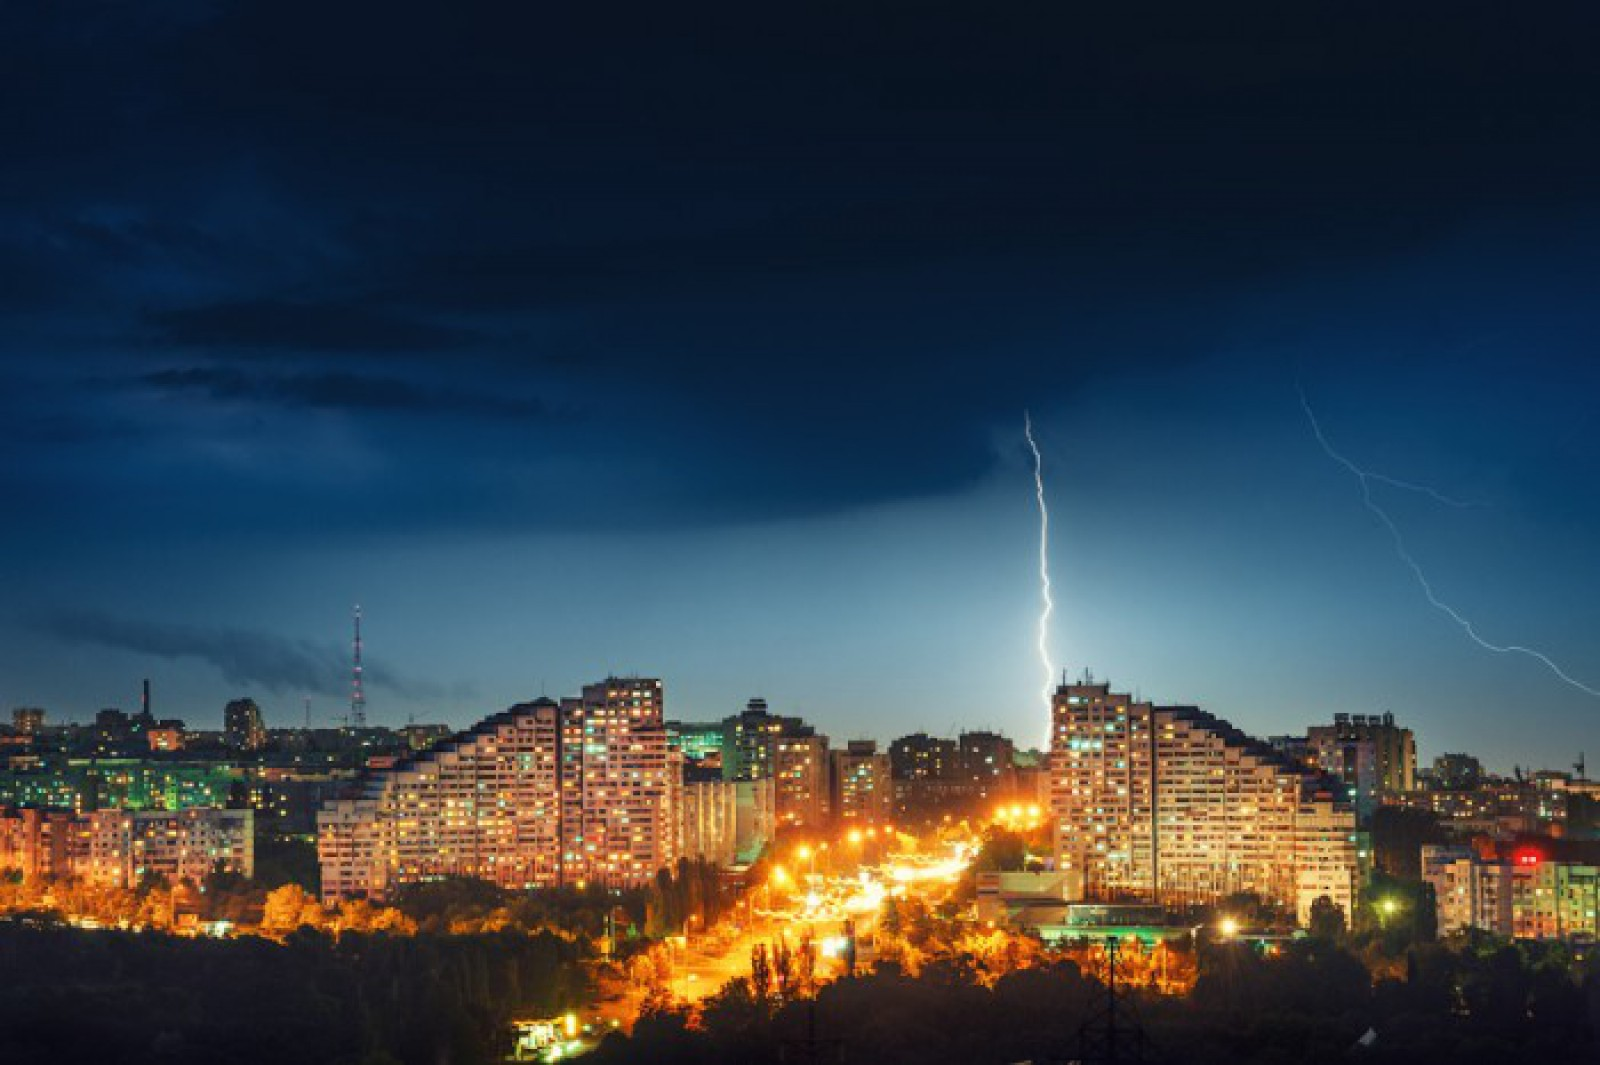 Ploi cu descărcări electrice: Vezi cum va fi vremea azi și în următoarea săptămână